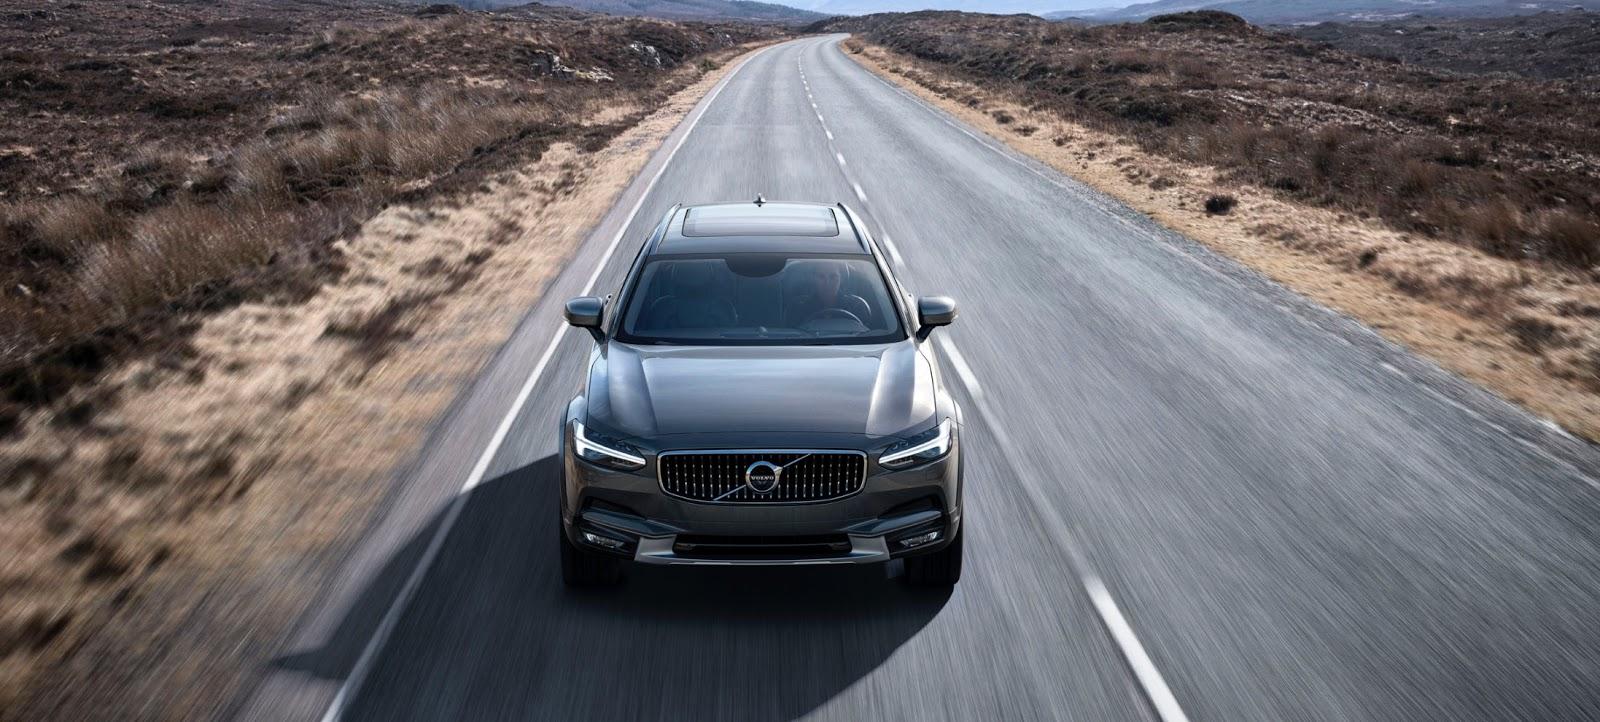 Volvo V90 Cross Country: Prezzi | Listino, Prezzo Base, Versioni e Allestimenti